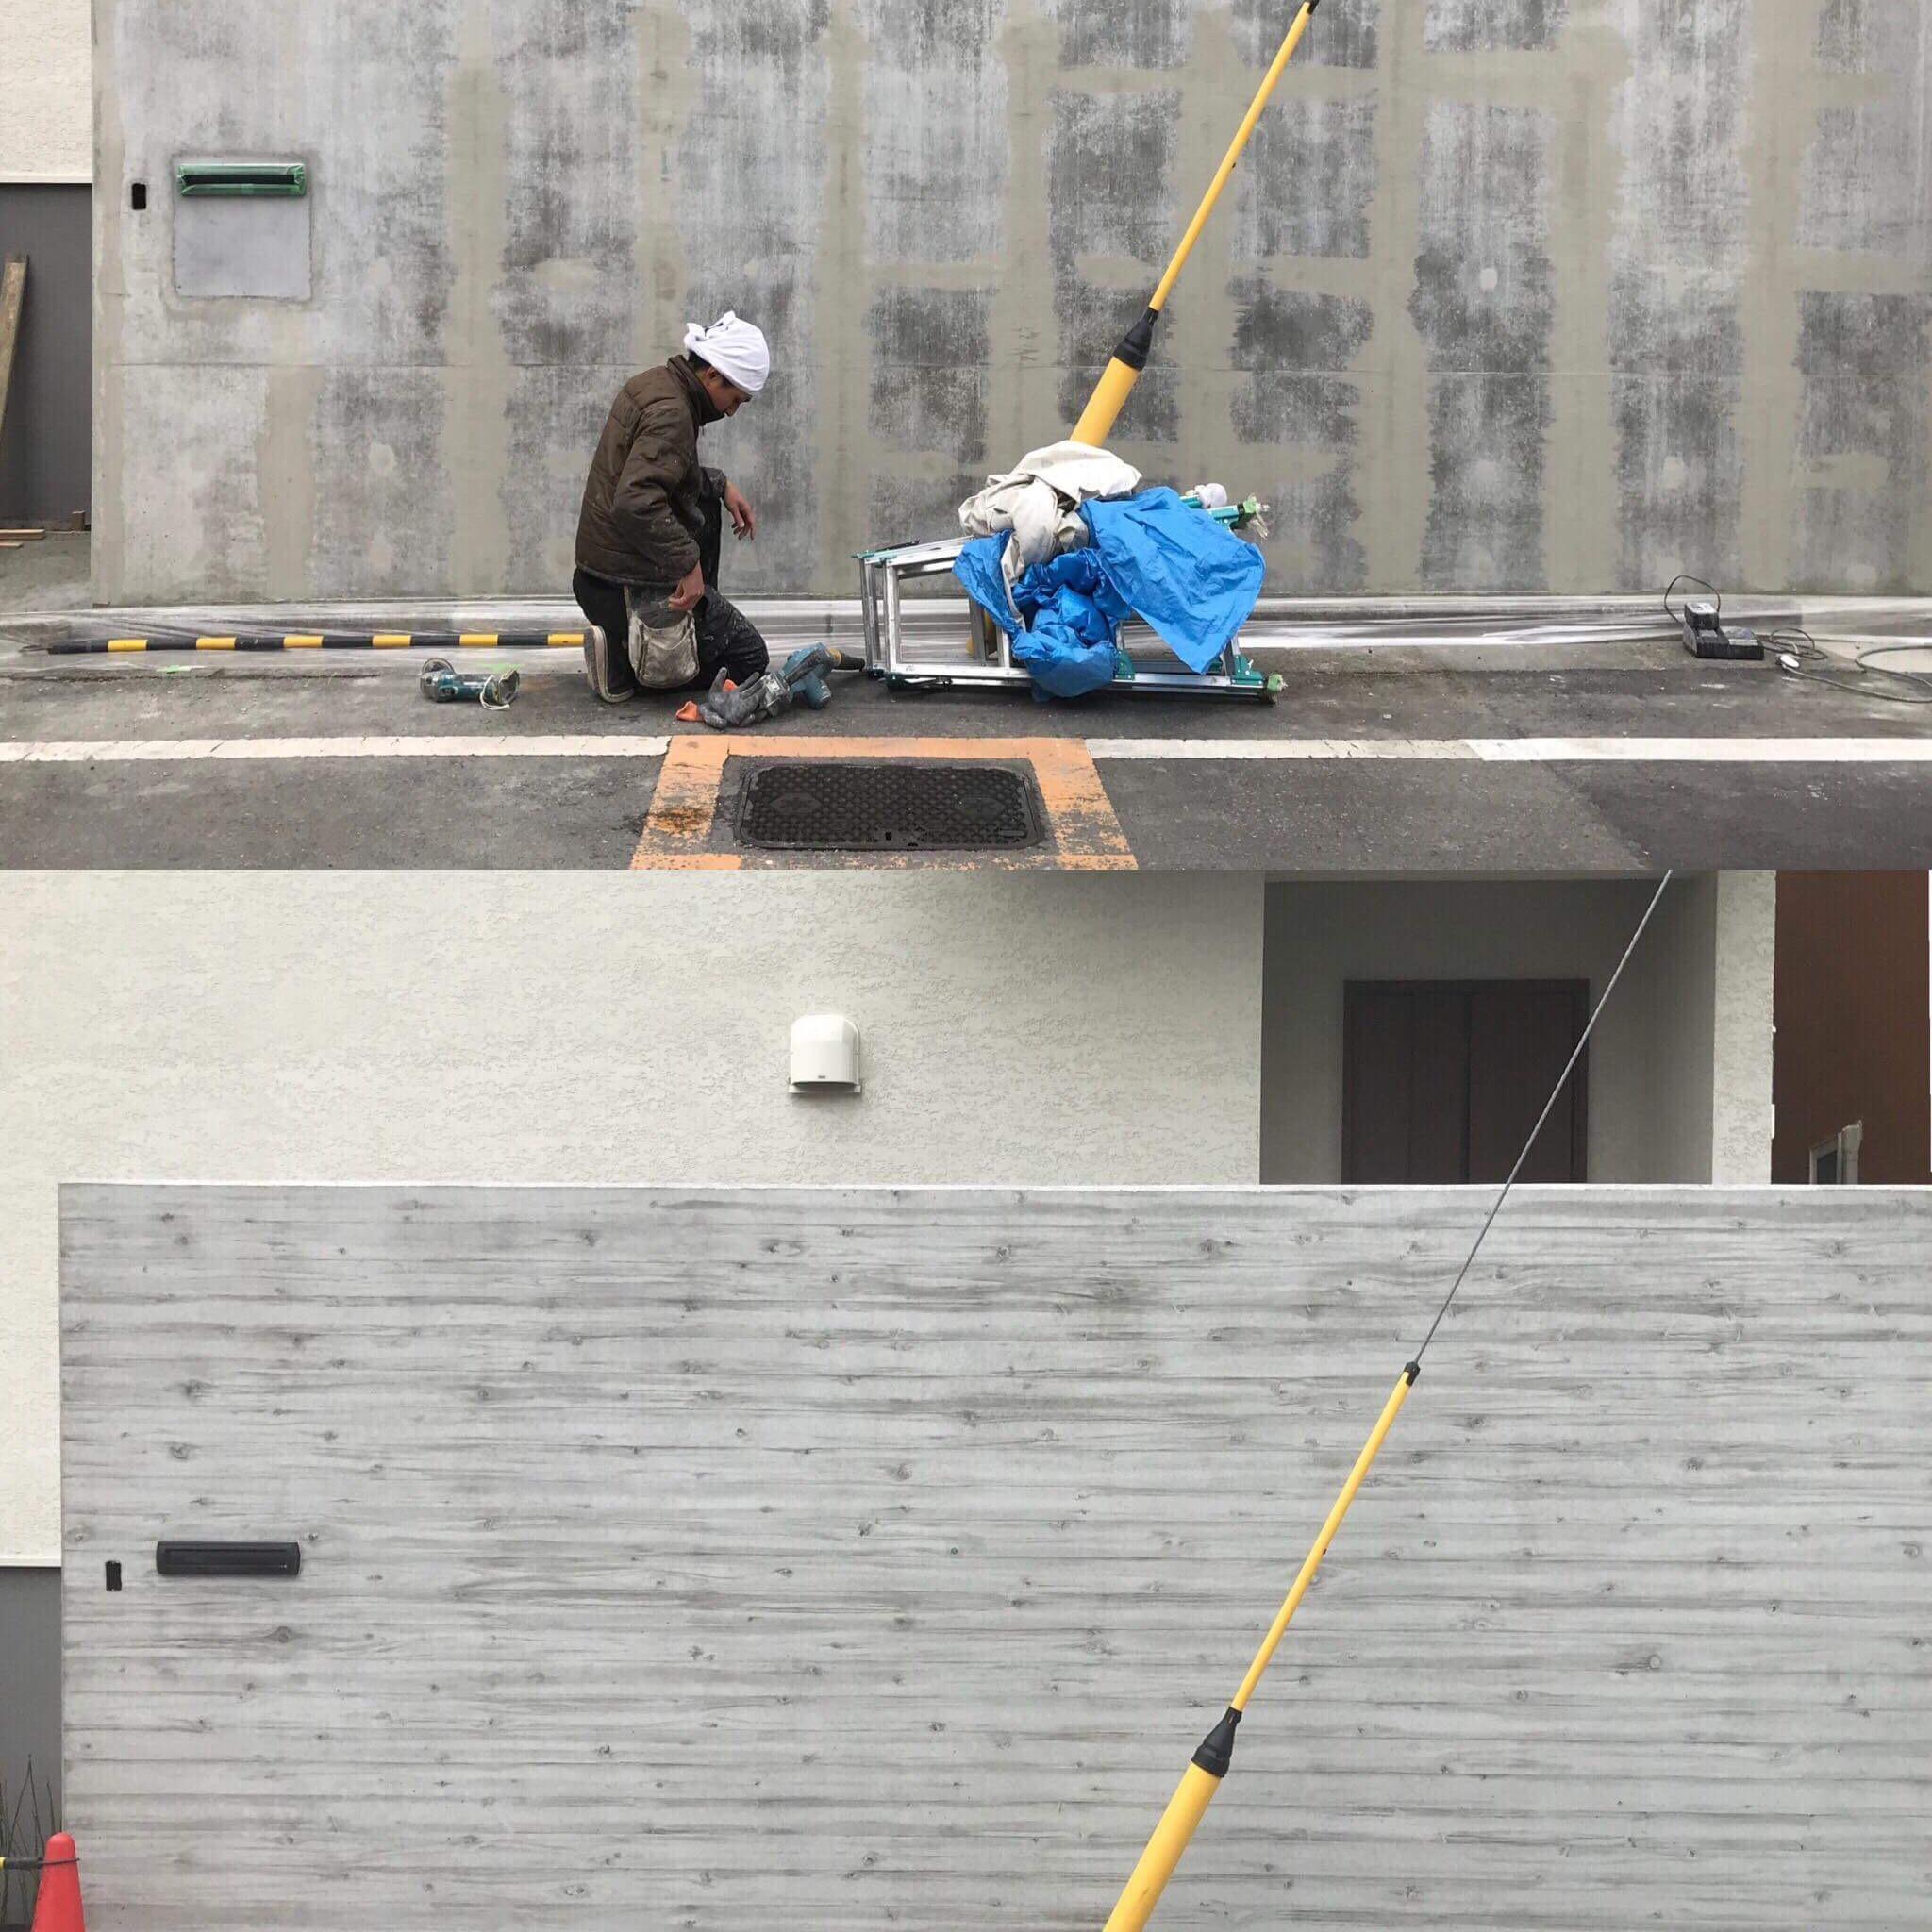 「打ち放しコンクリートの擁壁が杉板模様に|打ち放し色合わせ」 価格